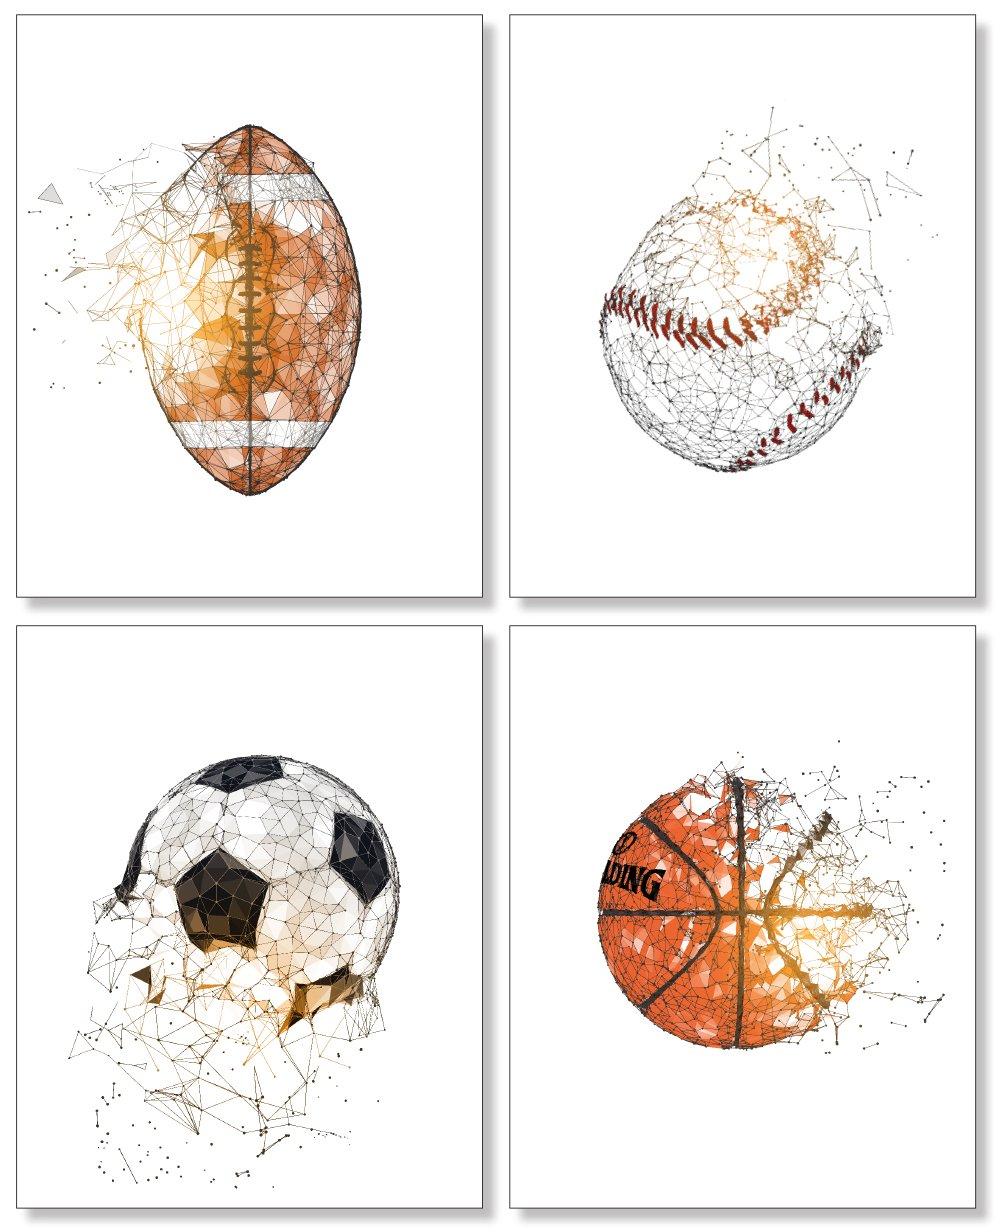 Vinilo Decorativo Pared [7FL5VPC5] deportes